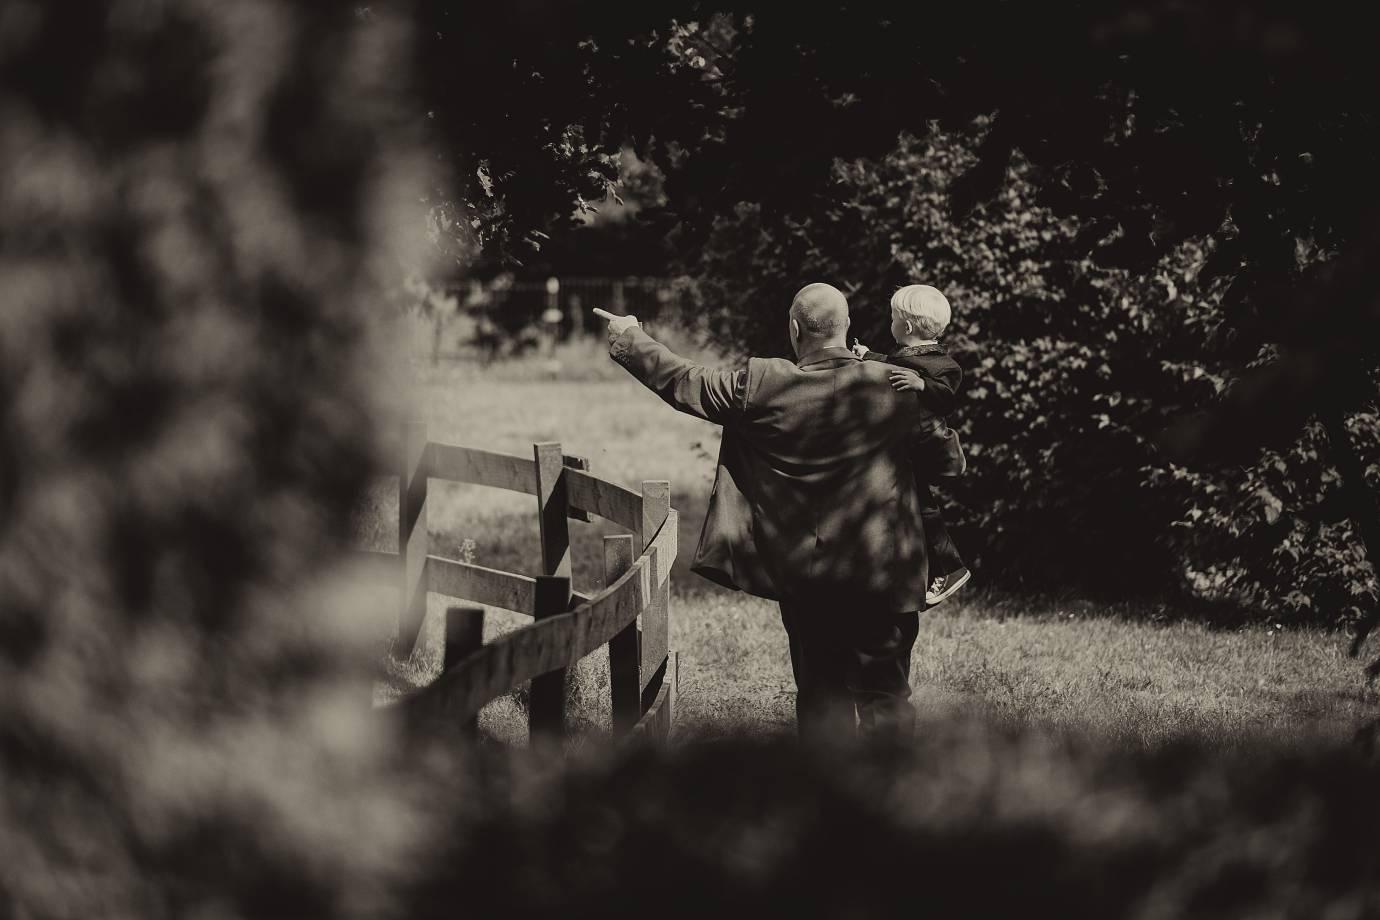 hochzeitsfotograf kirchseelte 007 - Sabrina+Lars